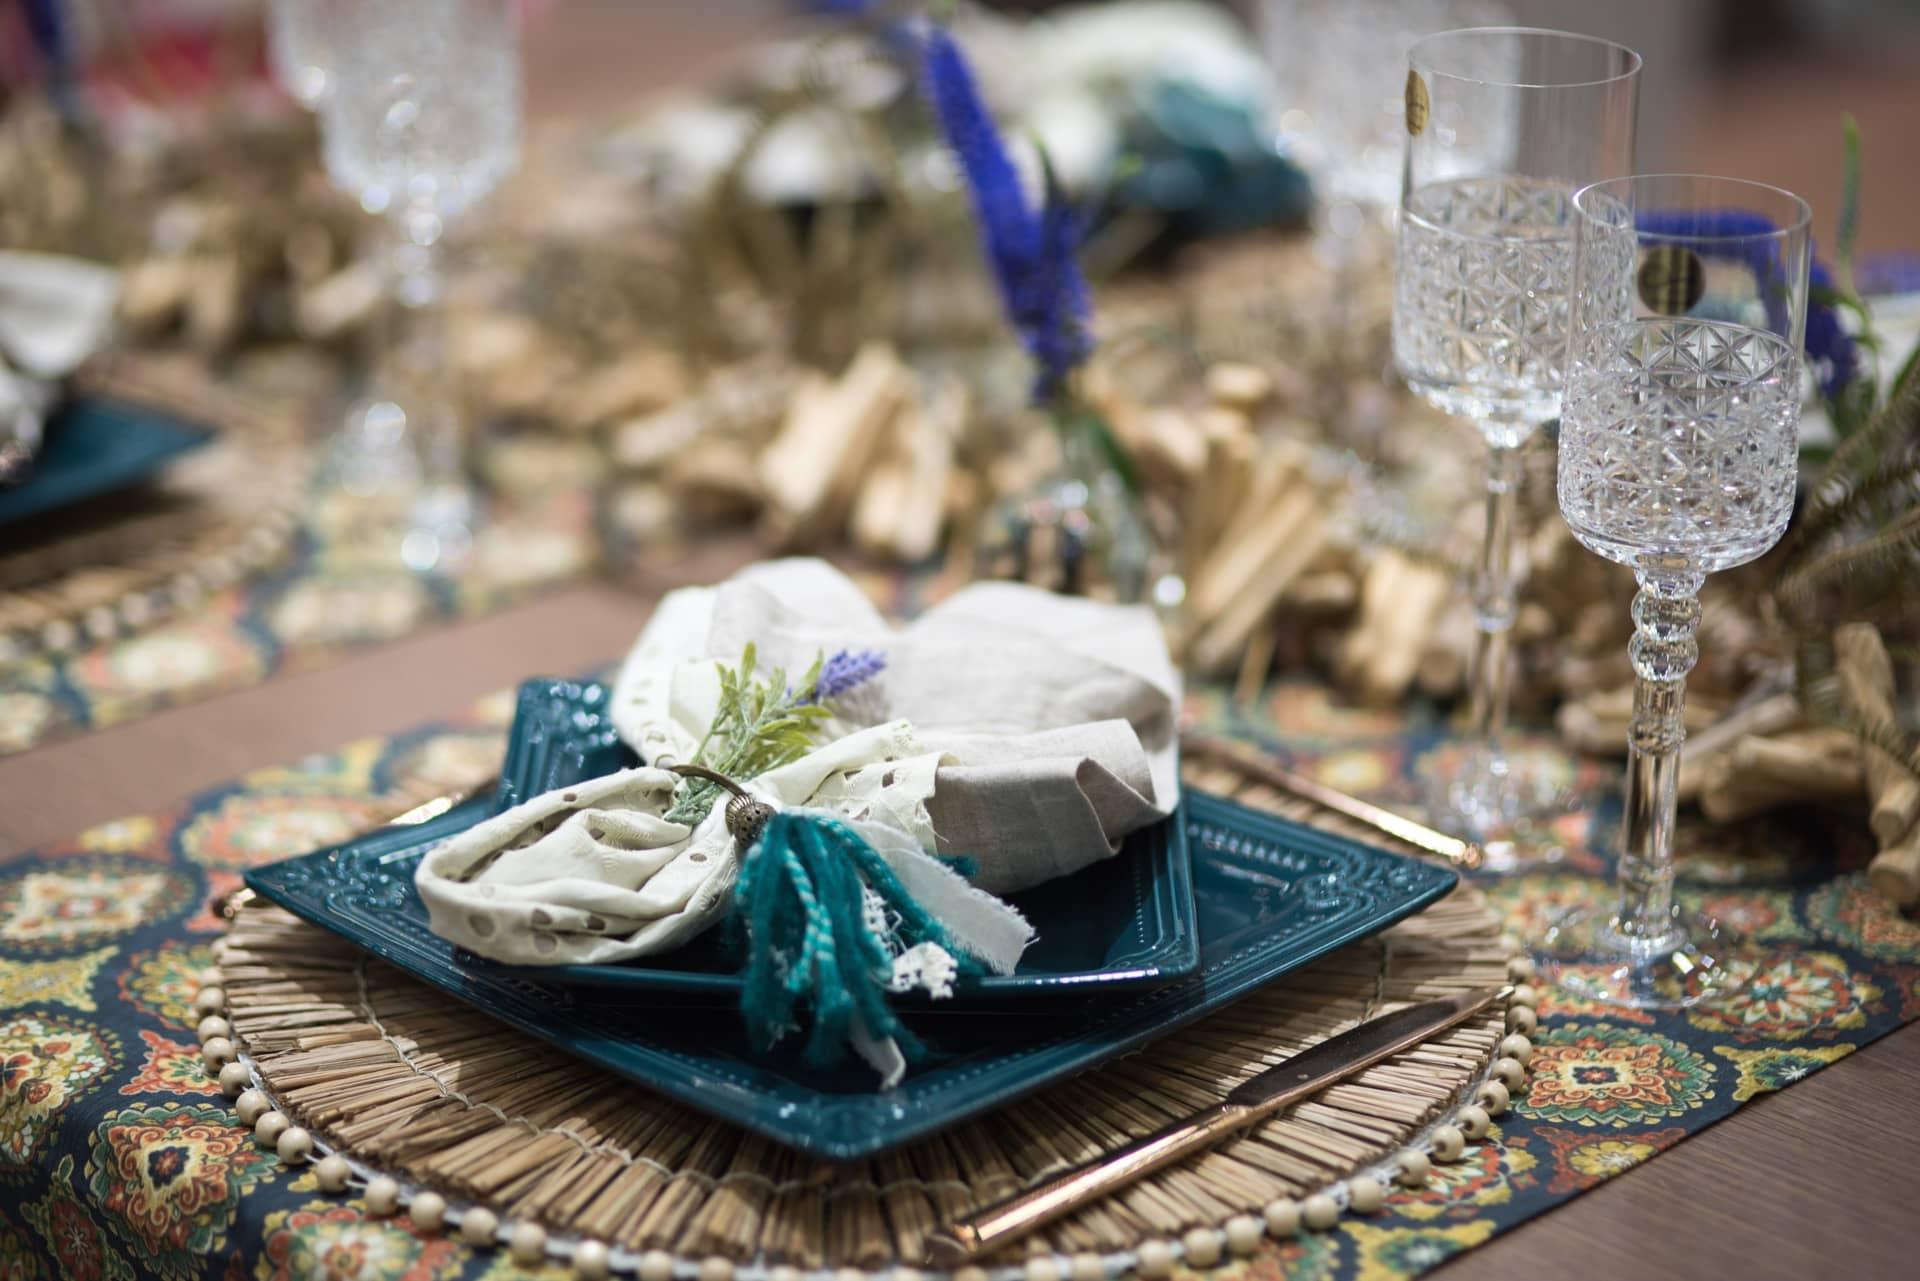 Nessa mesa, a porcelana Provence, da Oxford, vem acompanhada por guardanapo de laise enfeitado por um raminho de lavanda. O jogo americano de palha dá um ar rústico na medida certa. Foto: Henrique Peron